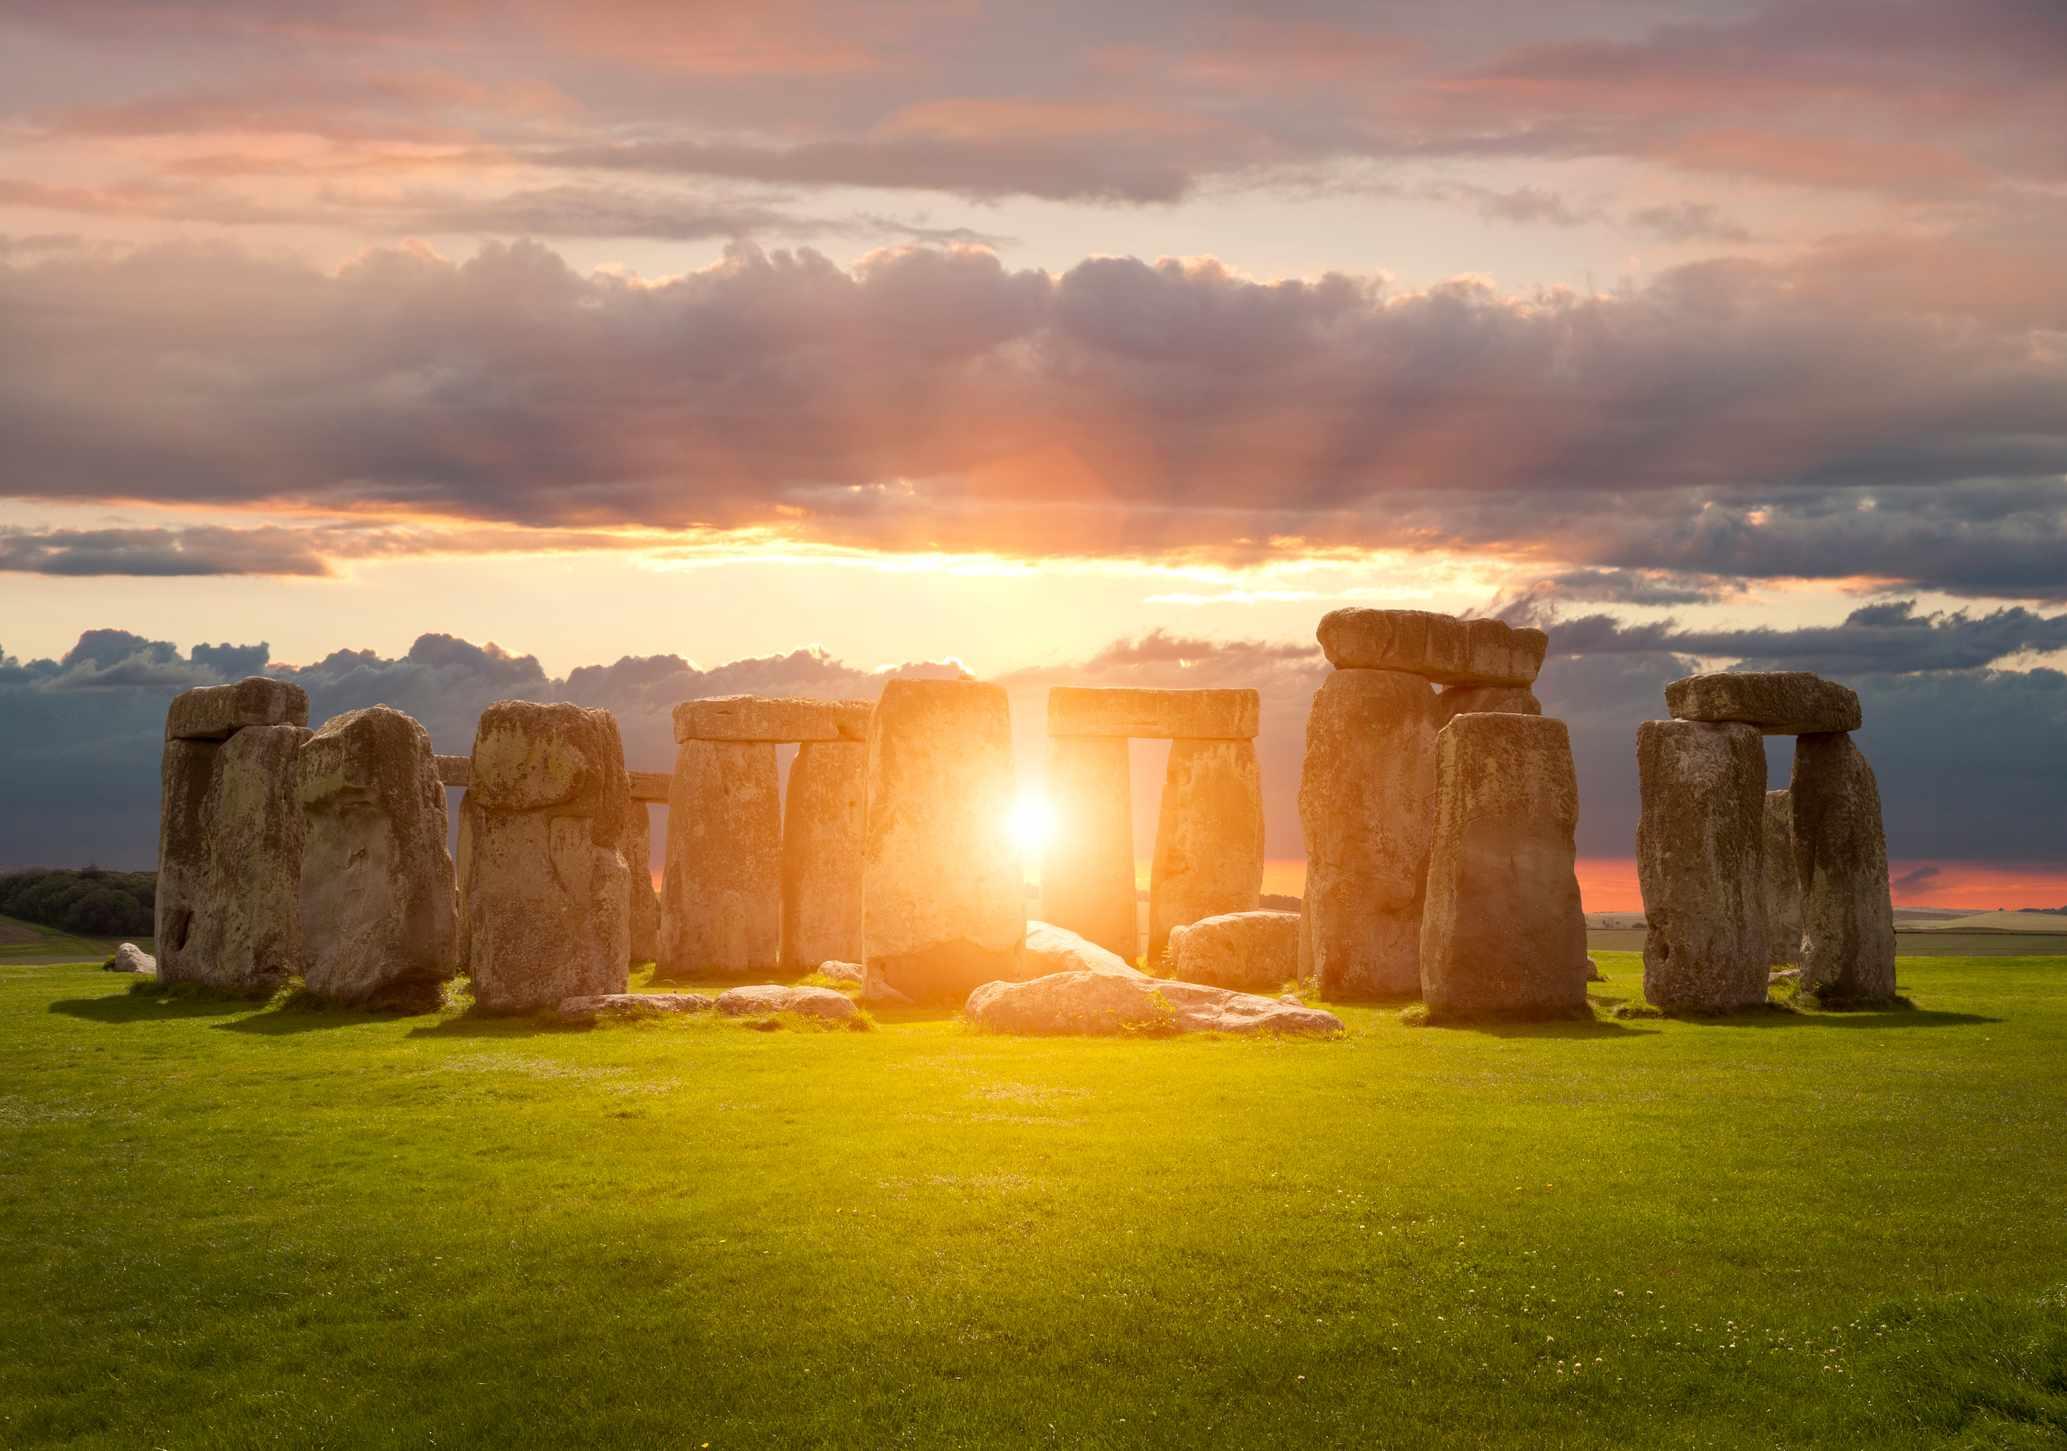 Stonehenge at sunset, Wiltshire, England.